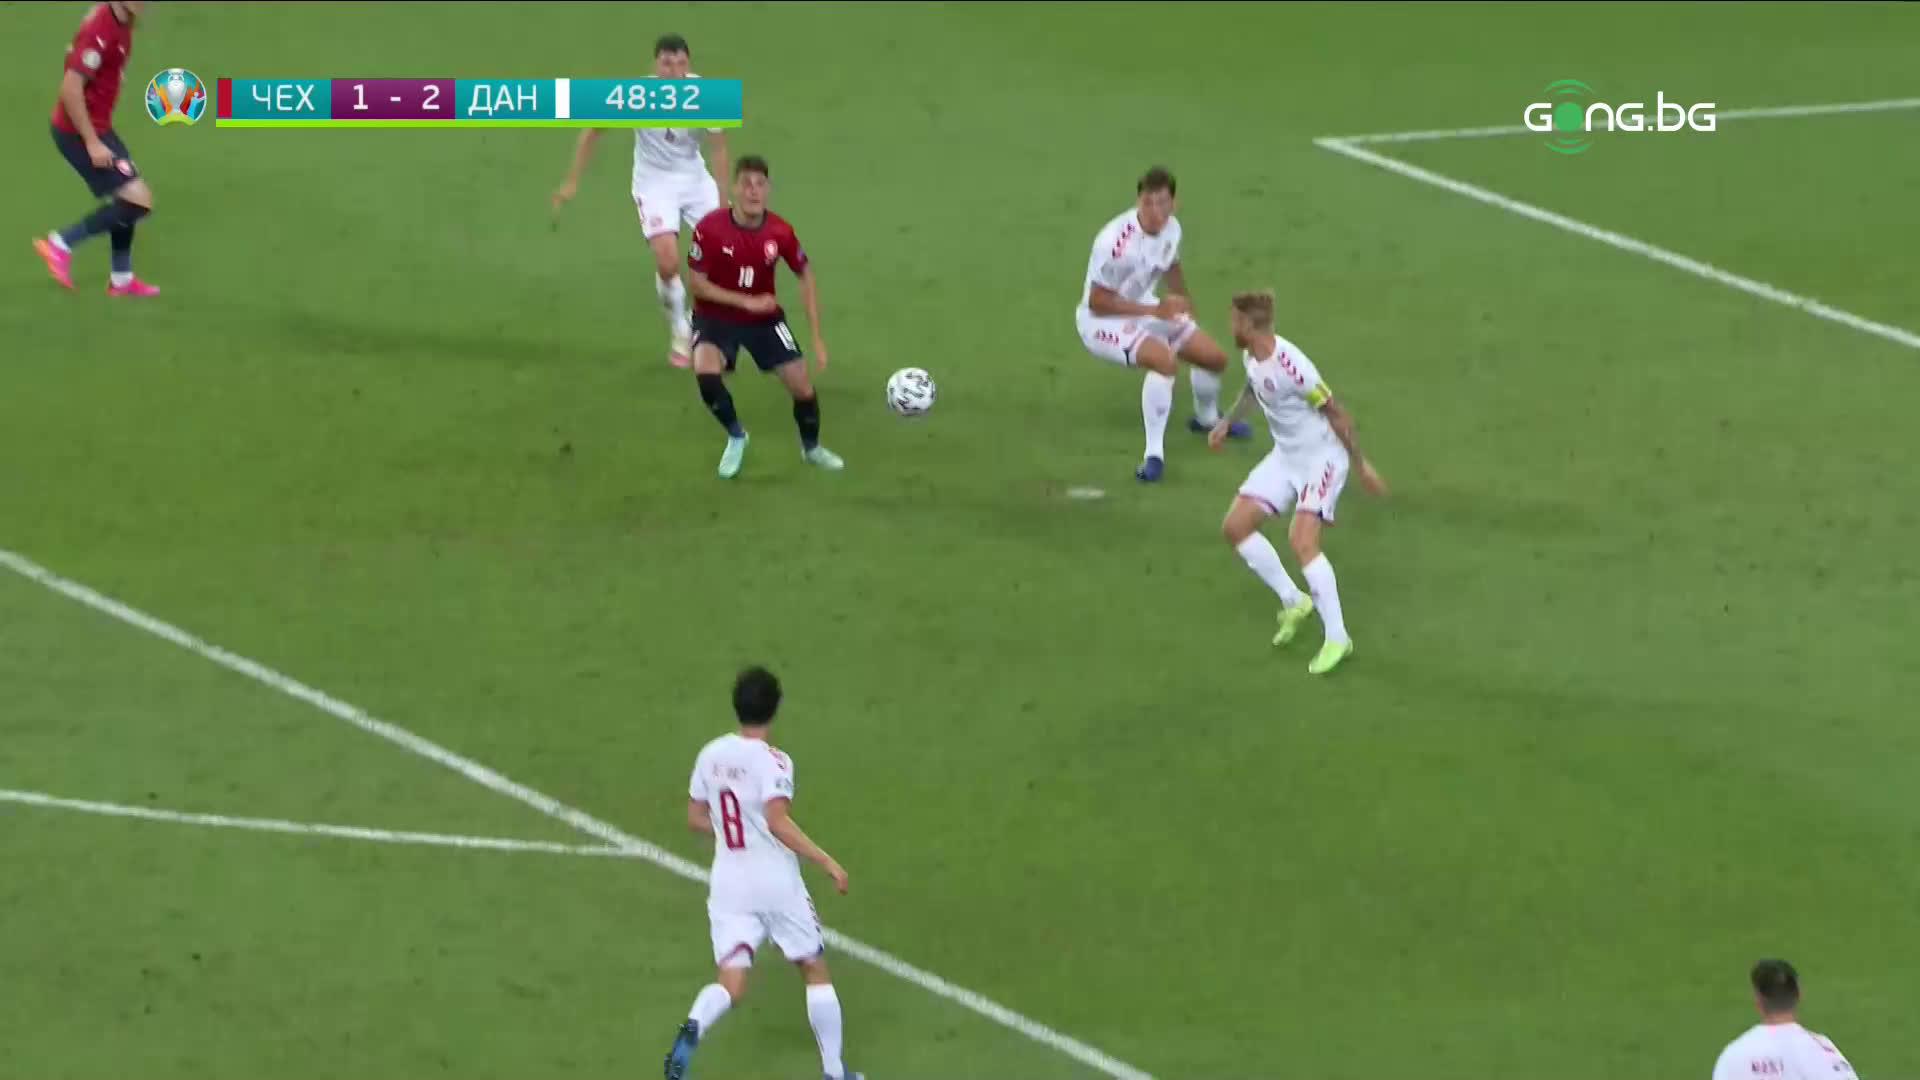 Патрик Шик върна Чехия в играта с редовния си гол